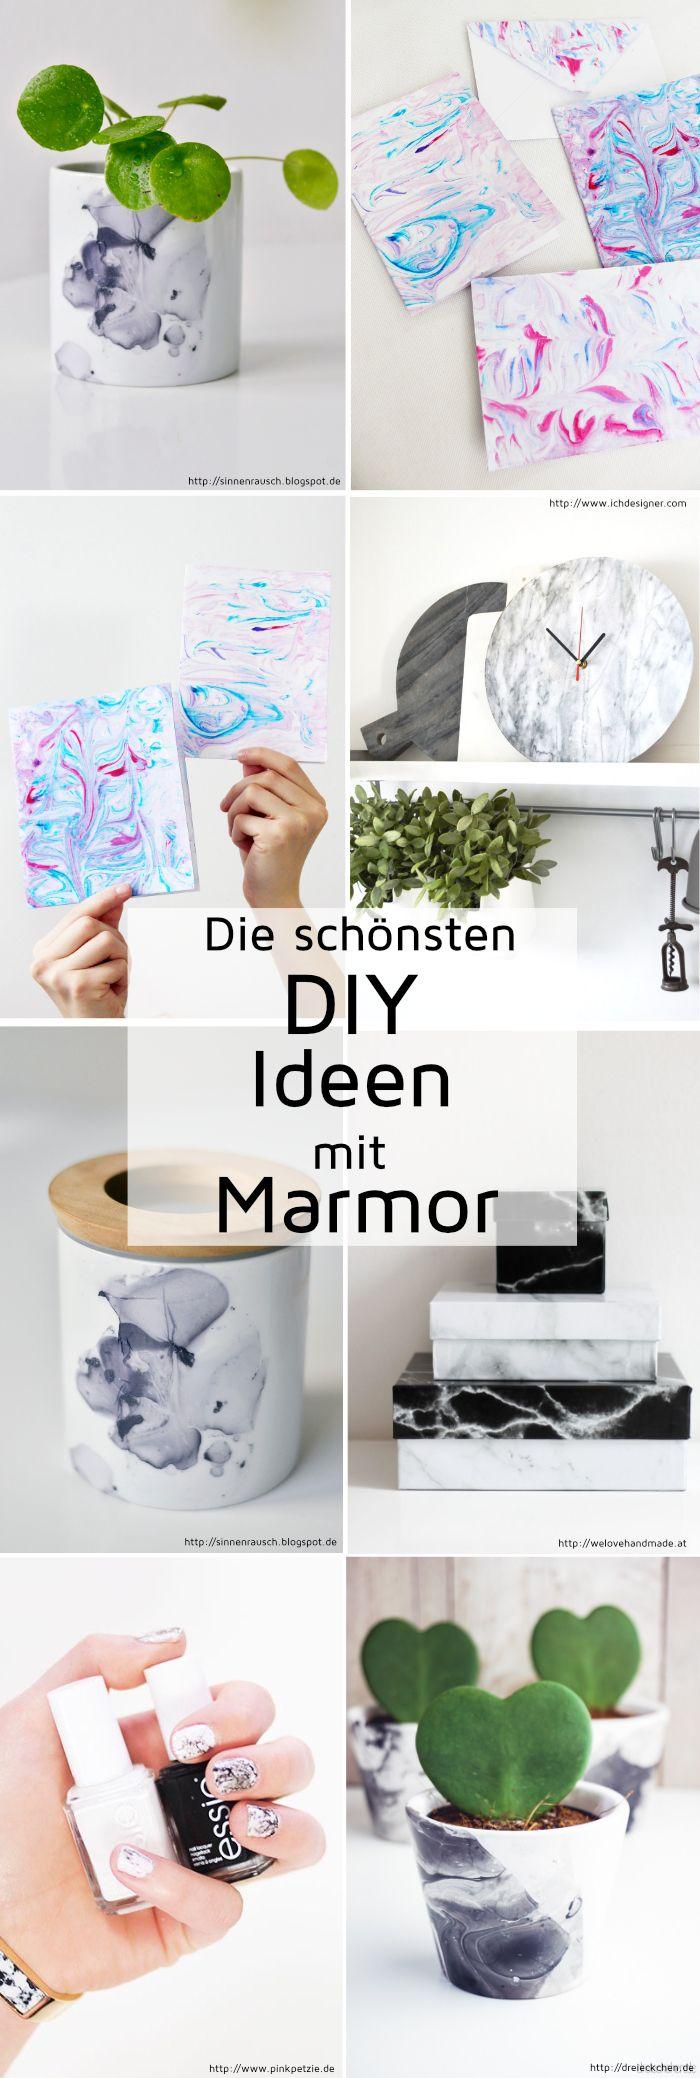 DIY Ideen mit Marmor: Die schönsten Marmoriertechniken Selbermachen